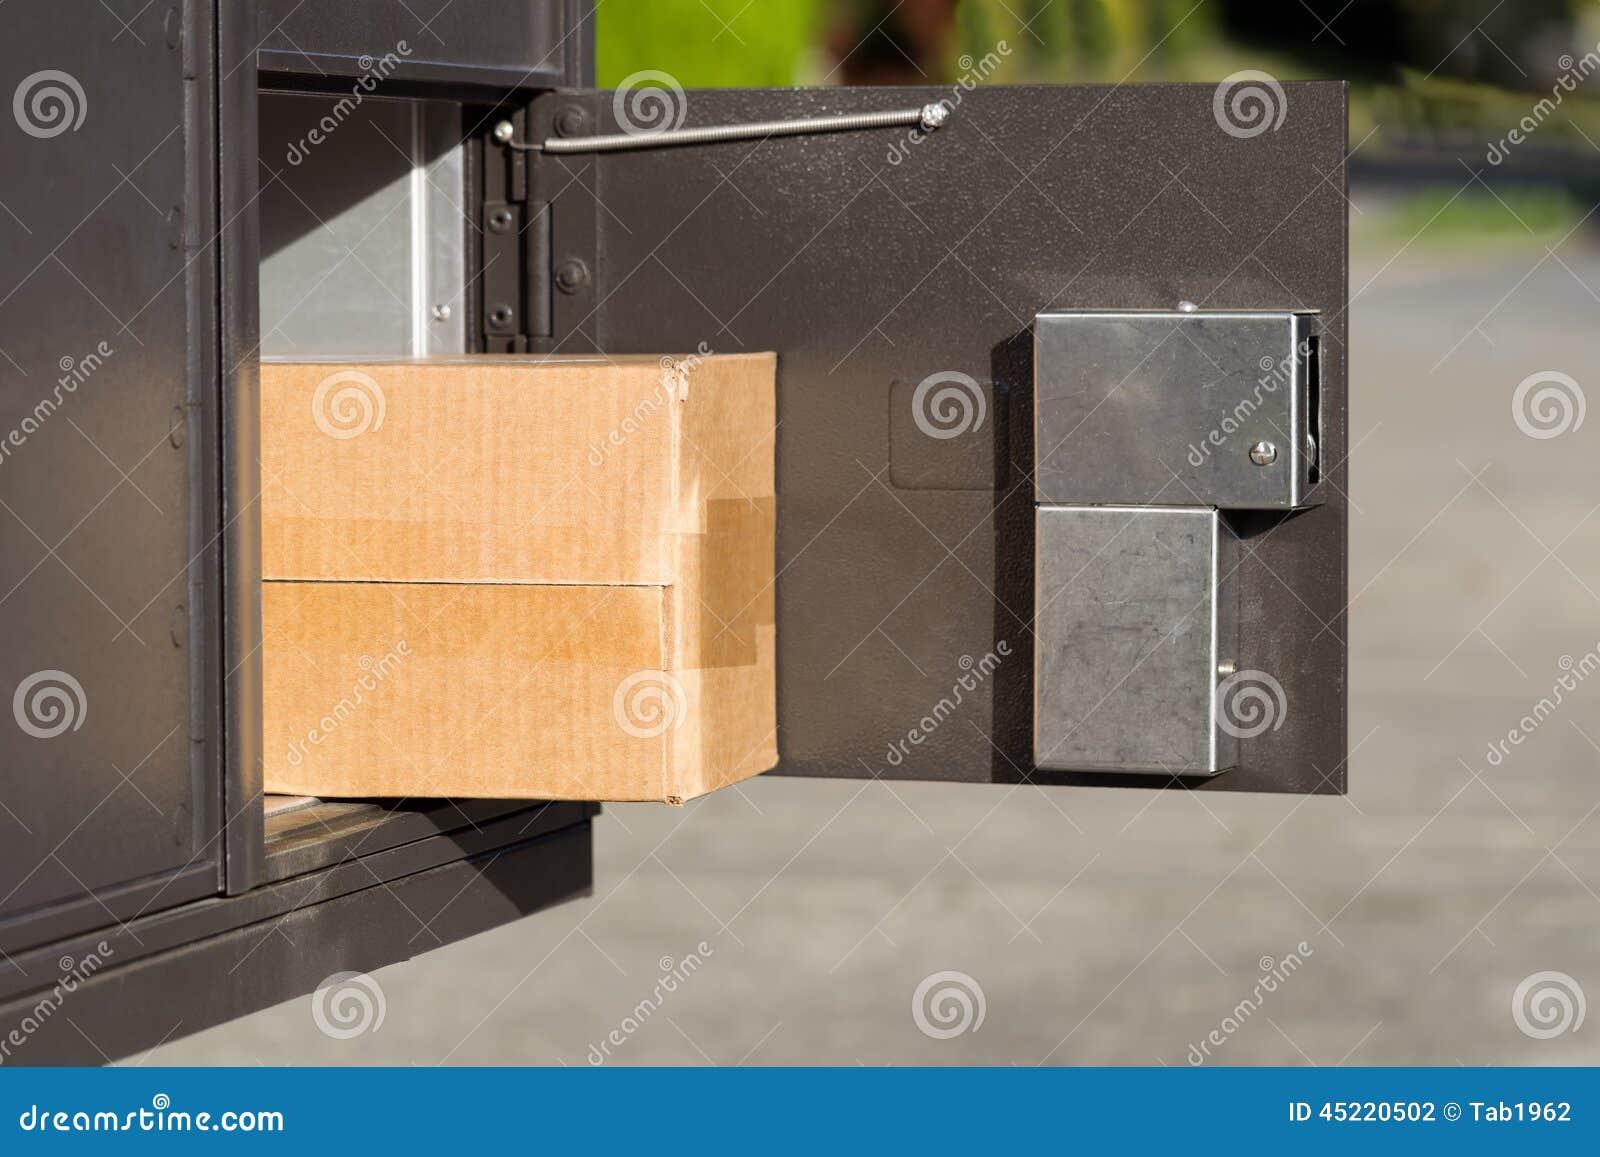 Paquete grande dentro del buzón postal